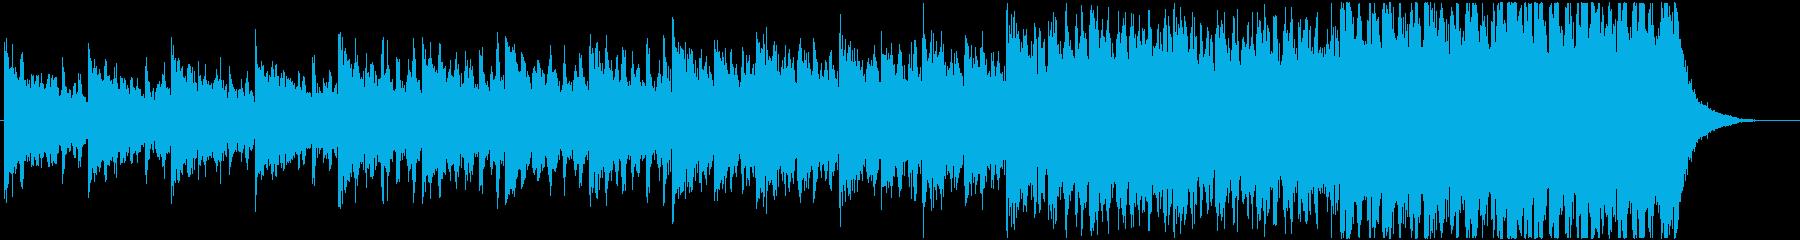 緊迫感のあるシネマティック曲 5-2の再生済みの波形